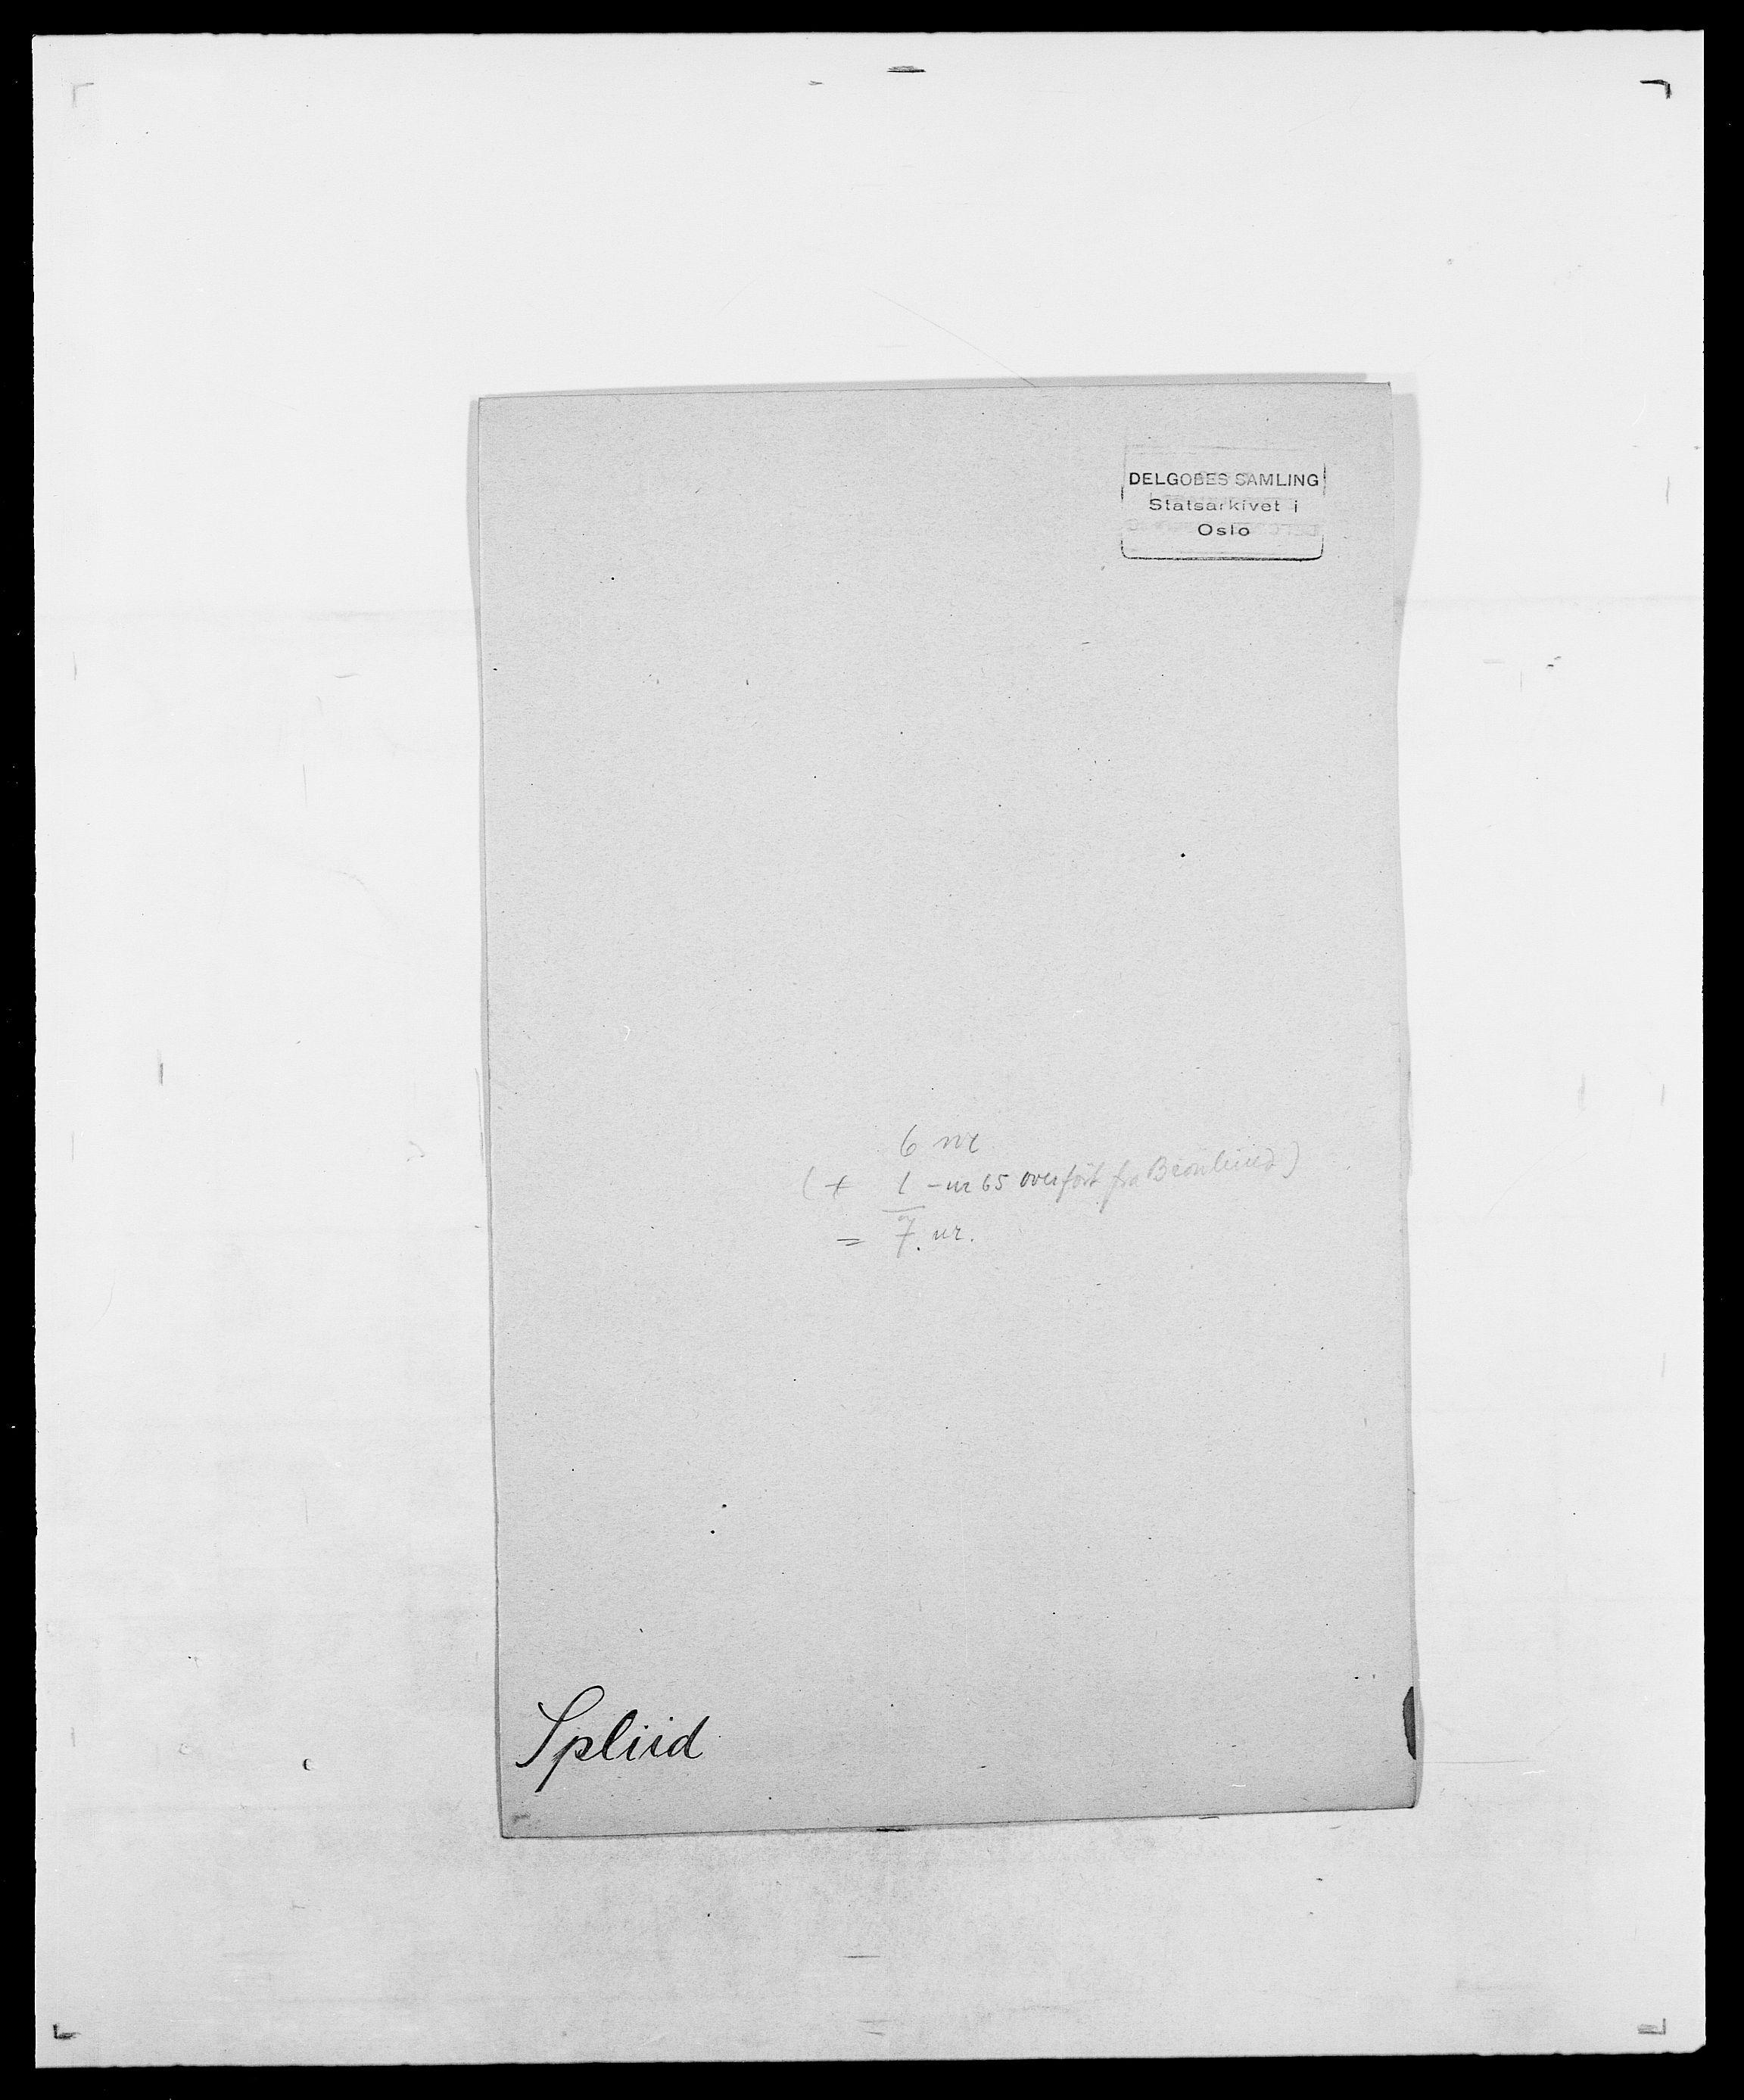 SAO, Delgobe, Charles Antoine - samling, D/Da/L0036: Skaanør - Staverskov, s. 565